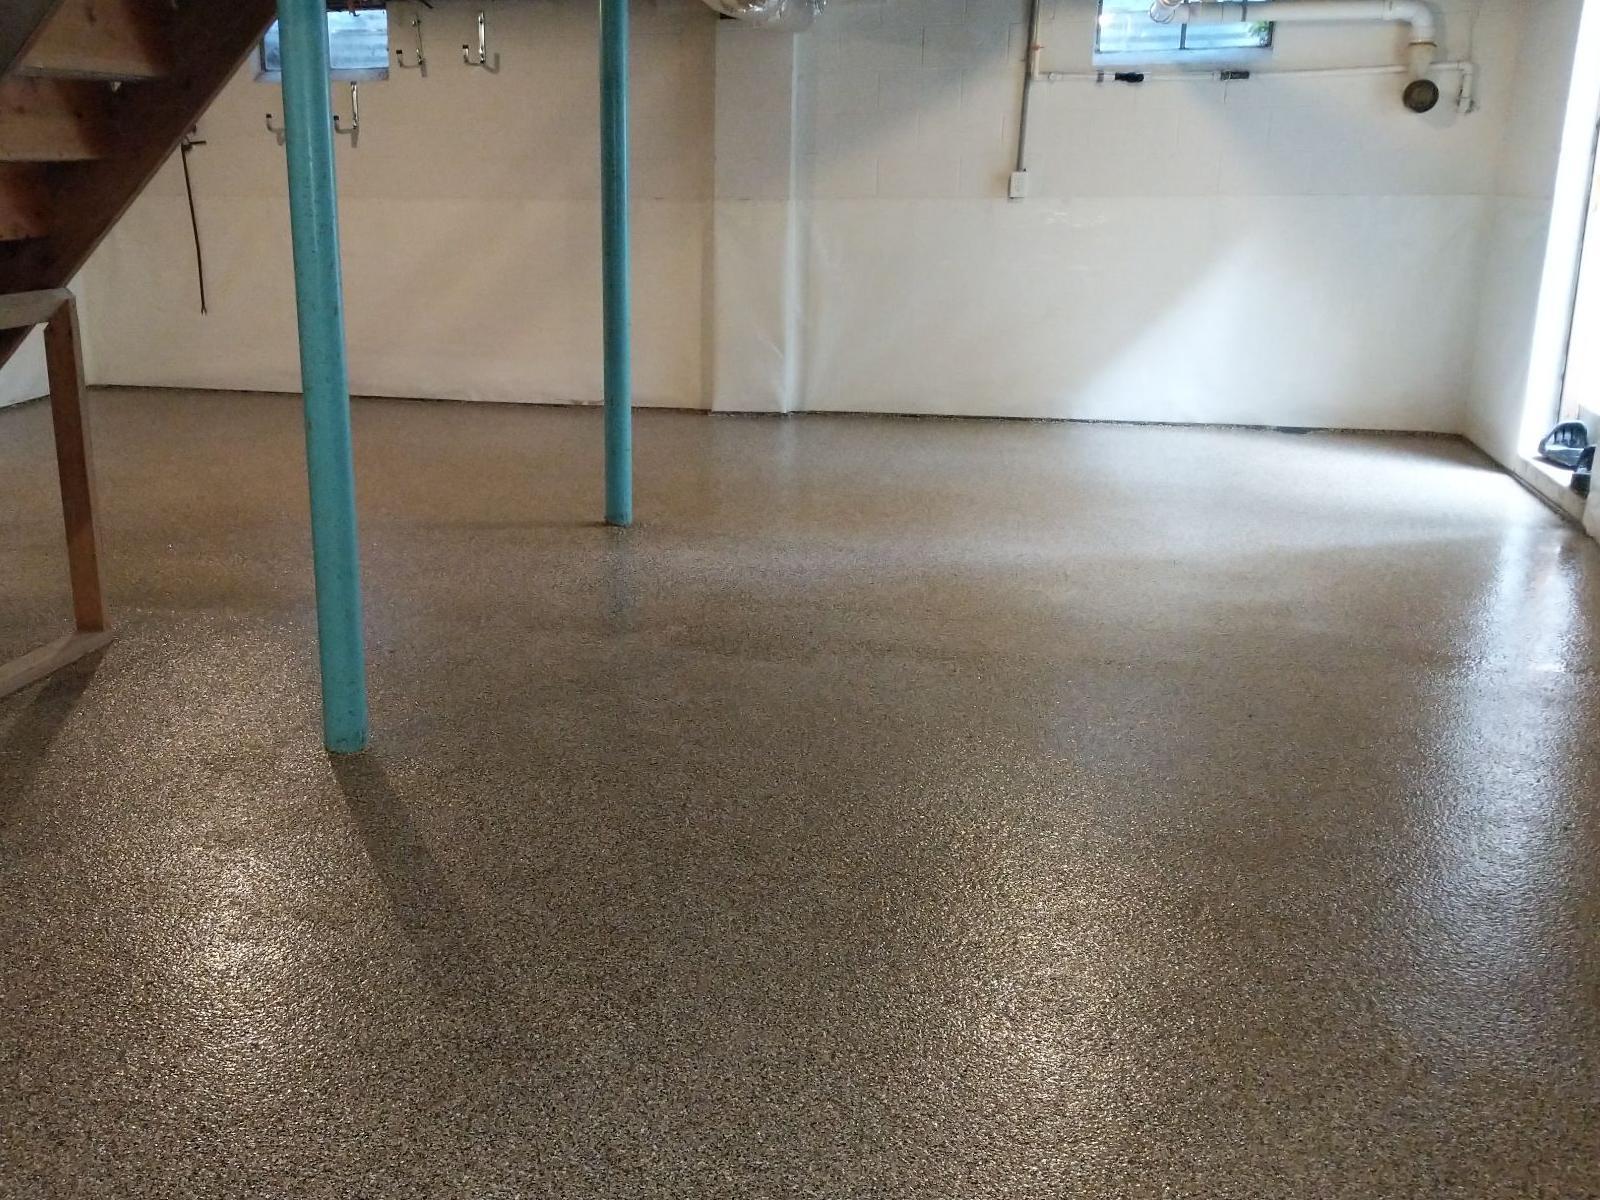 Basement Floor Transformed with SparTek Concrete Floor Coating in Rehoboth Beach, DE - After Photo